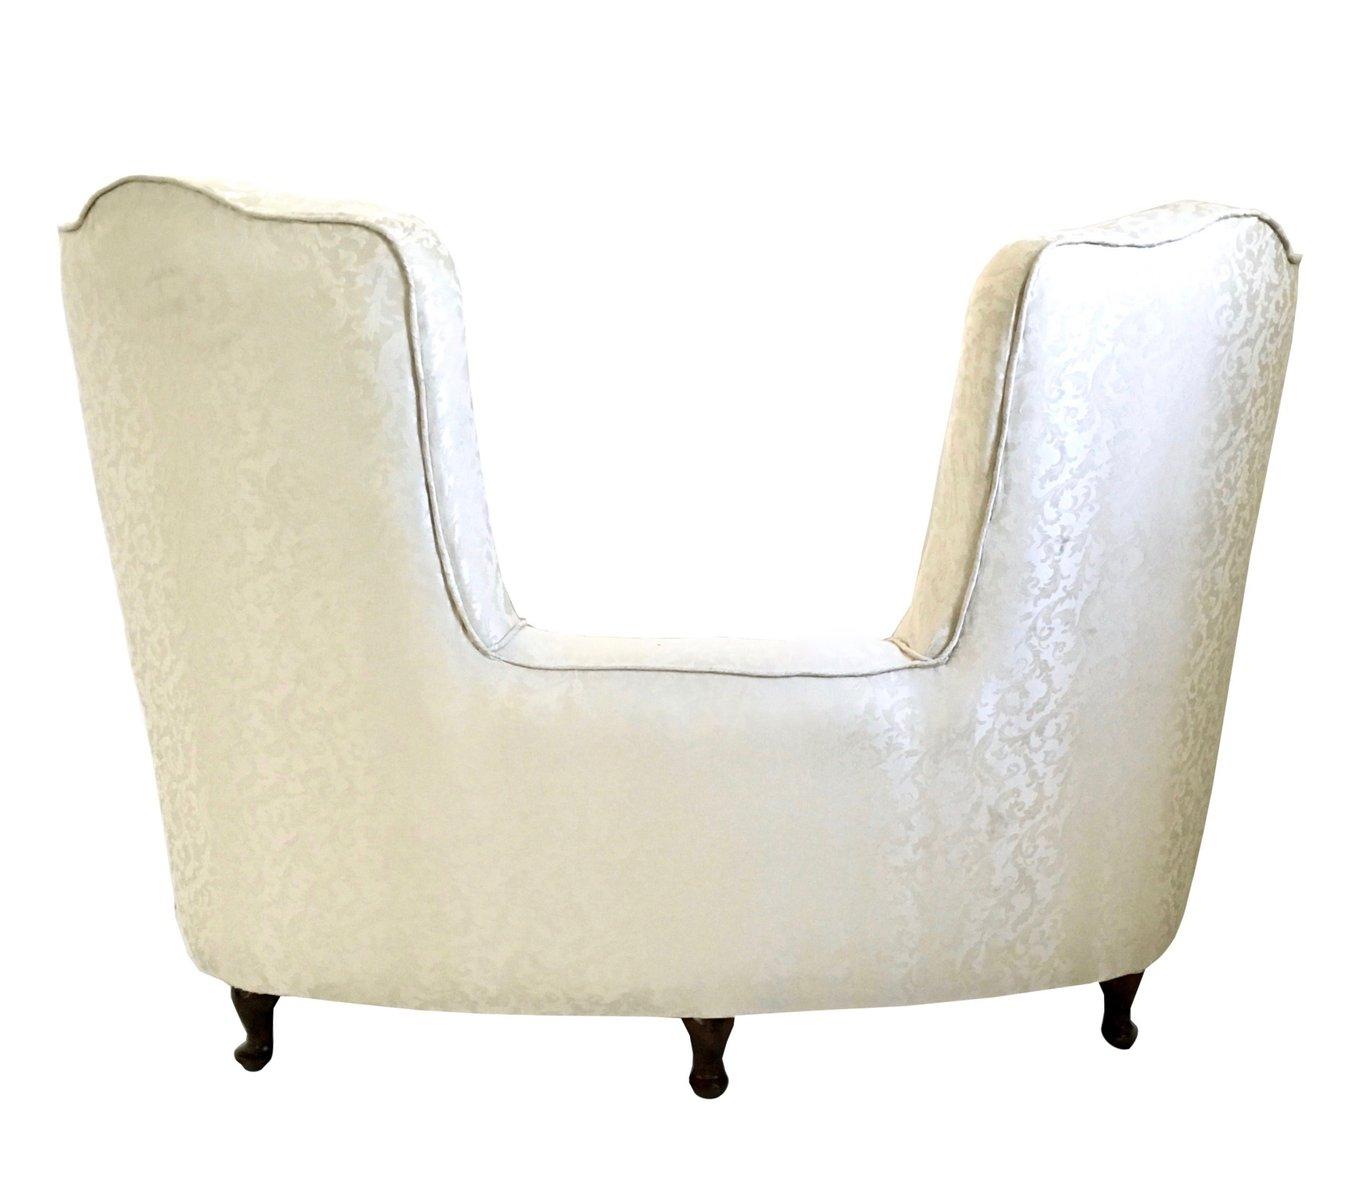 italienisches sofa aus stoff mit holzf en 1950er bei. Black Bedroom Furniture Sets. Home Design Ideas